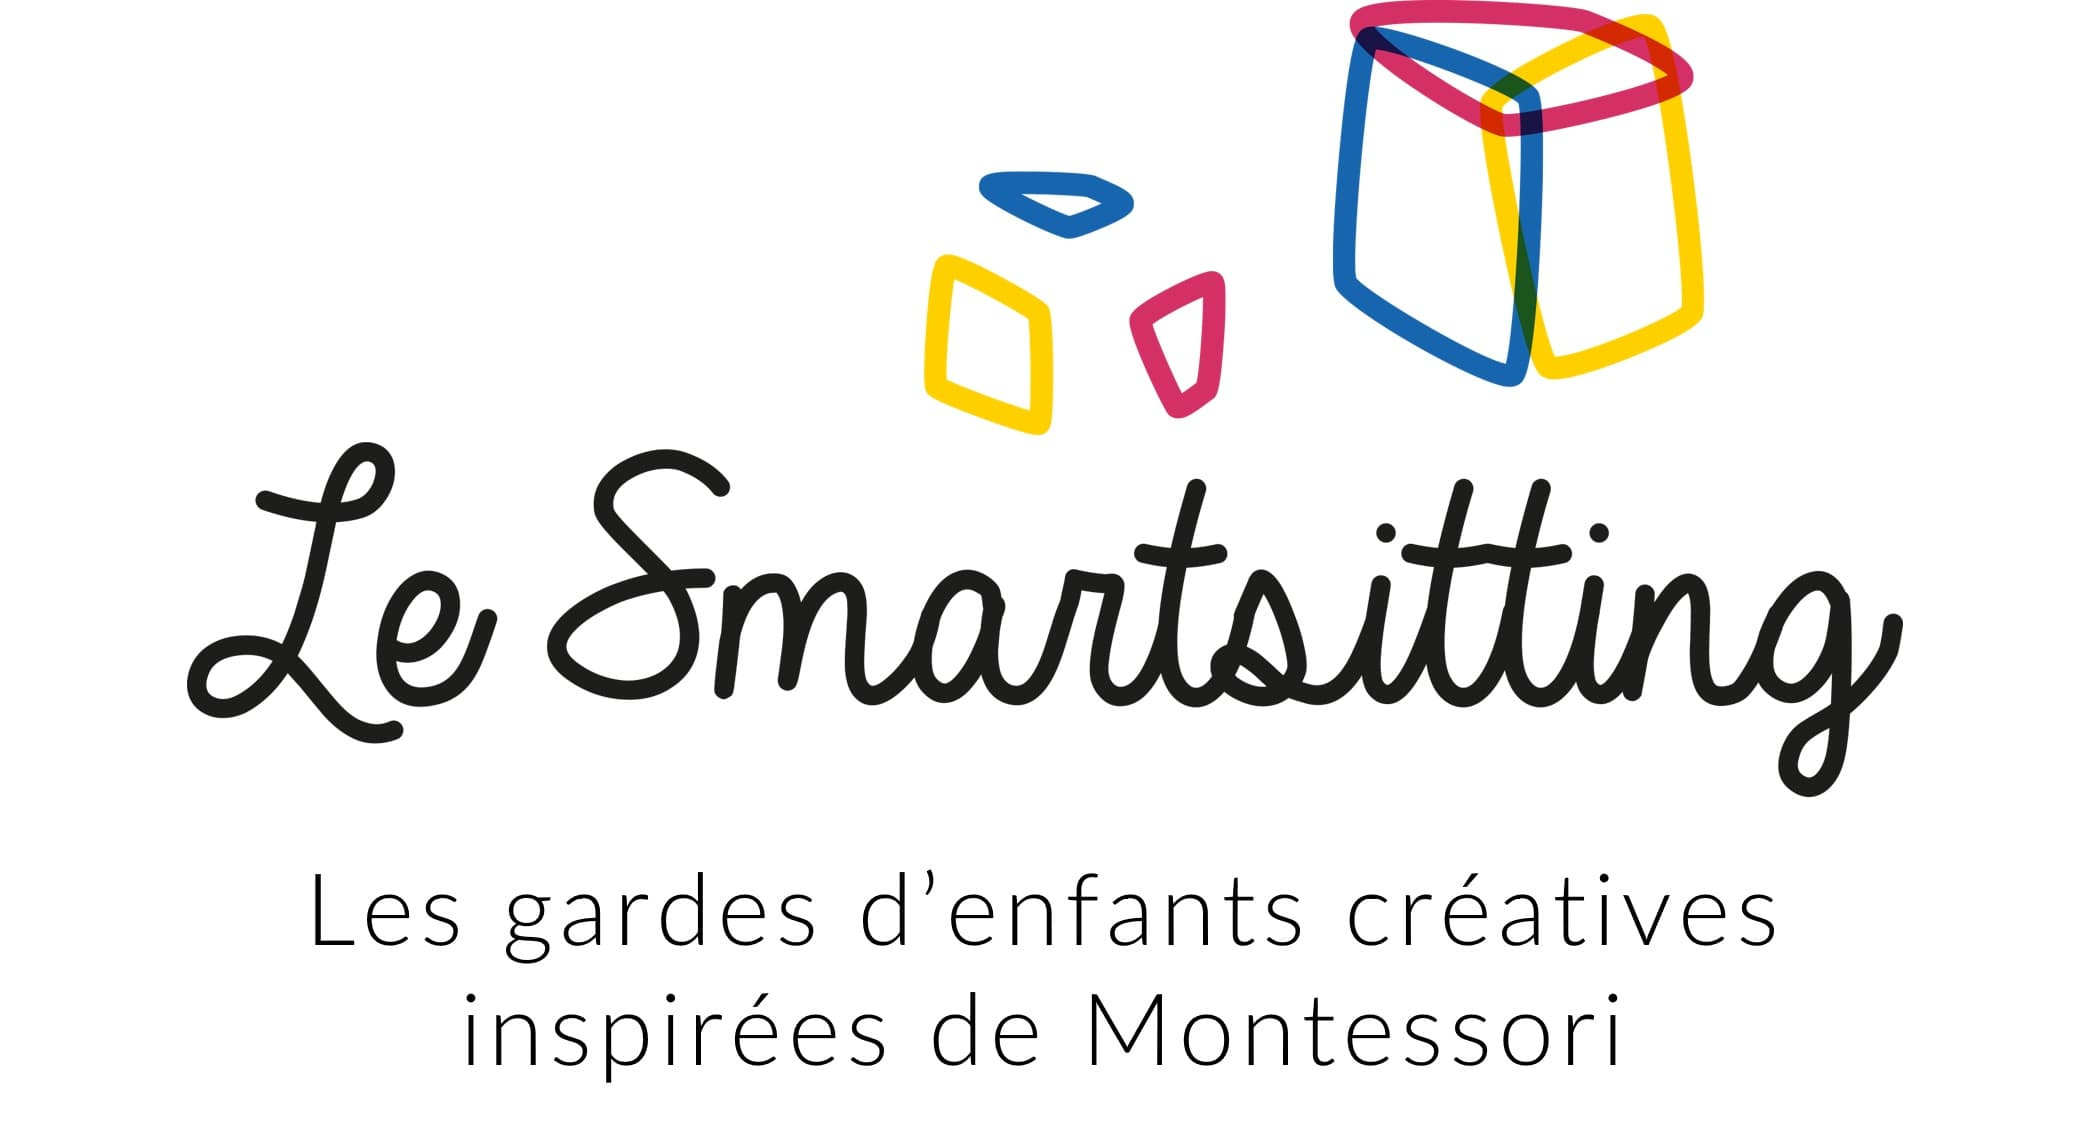 Logo Smartsitting job etudiant